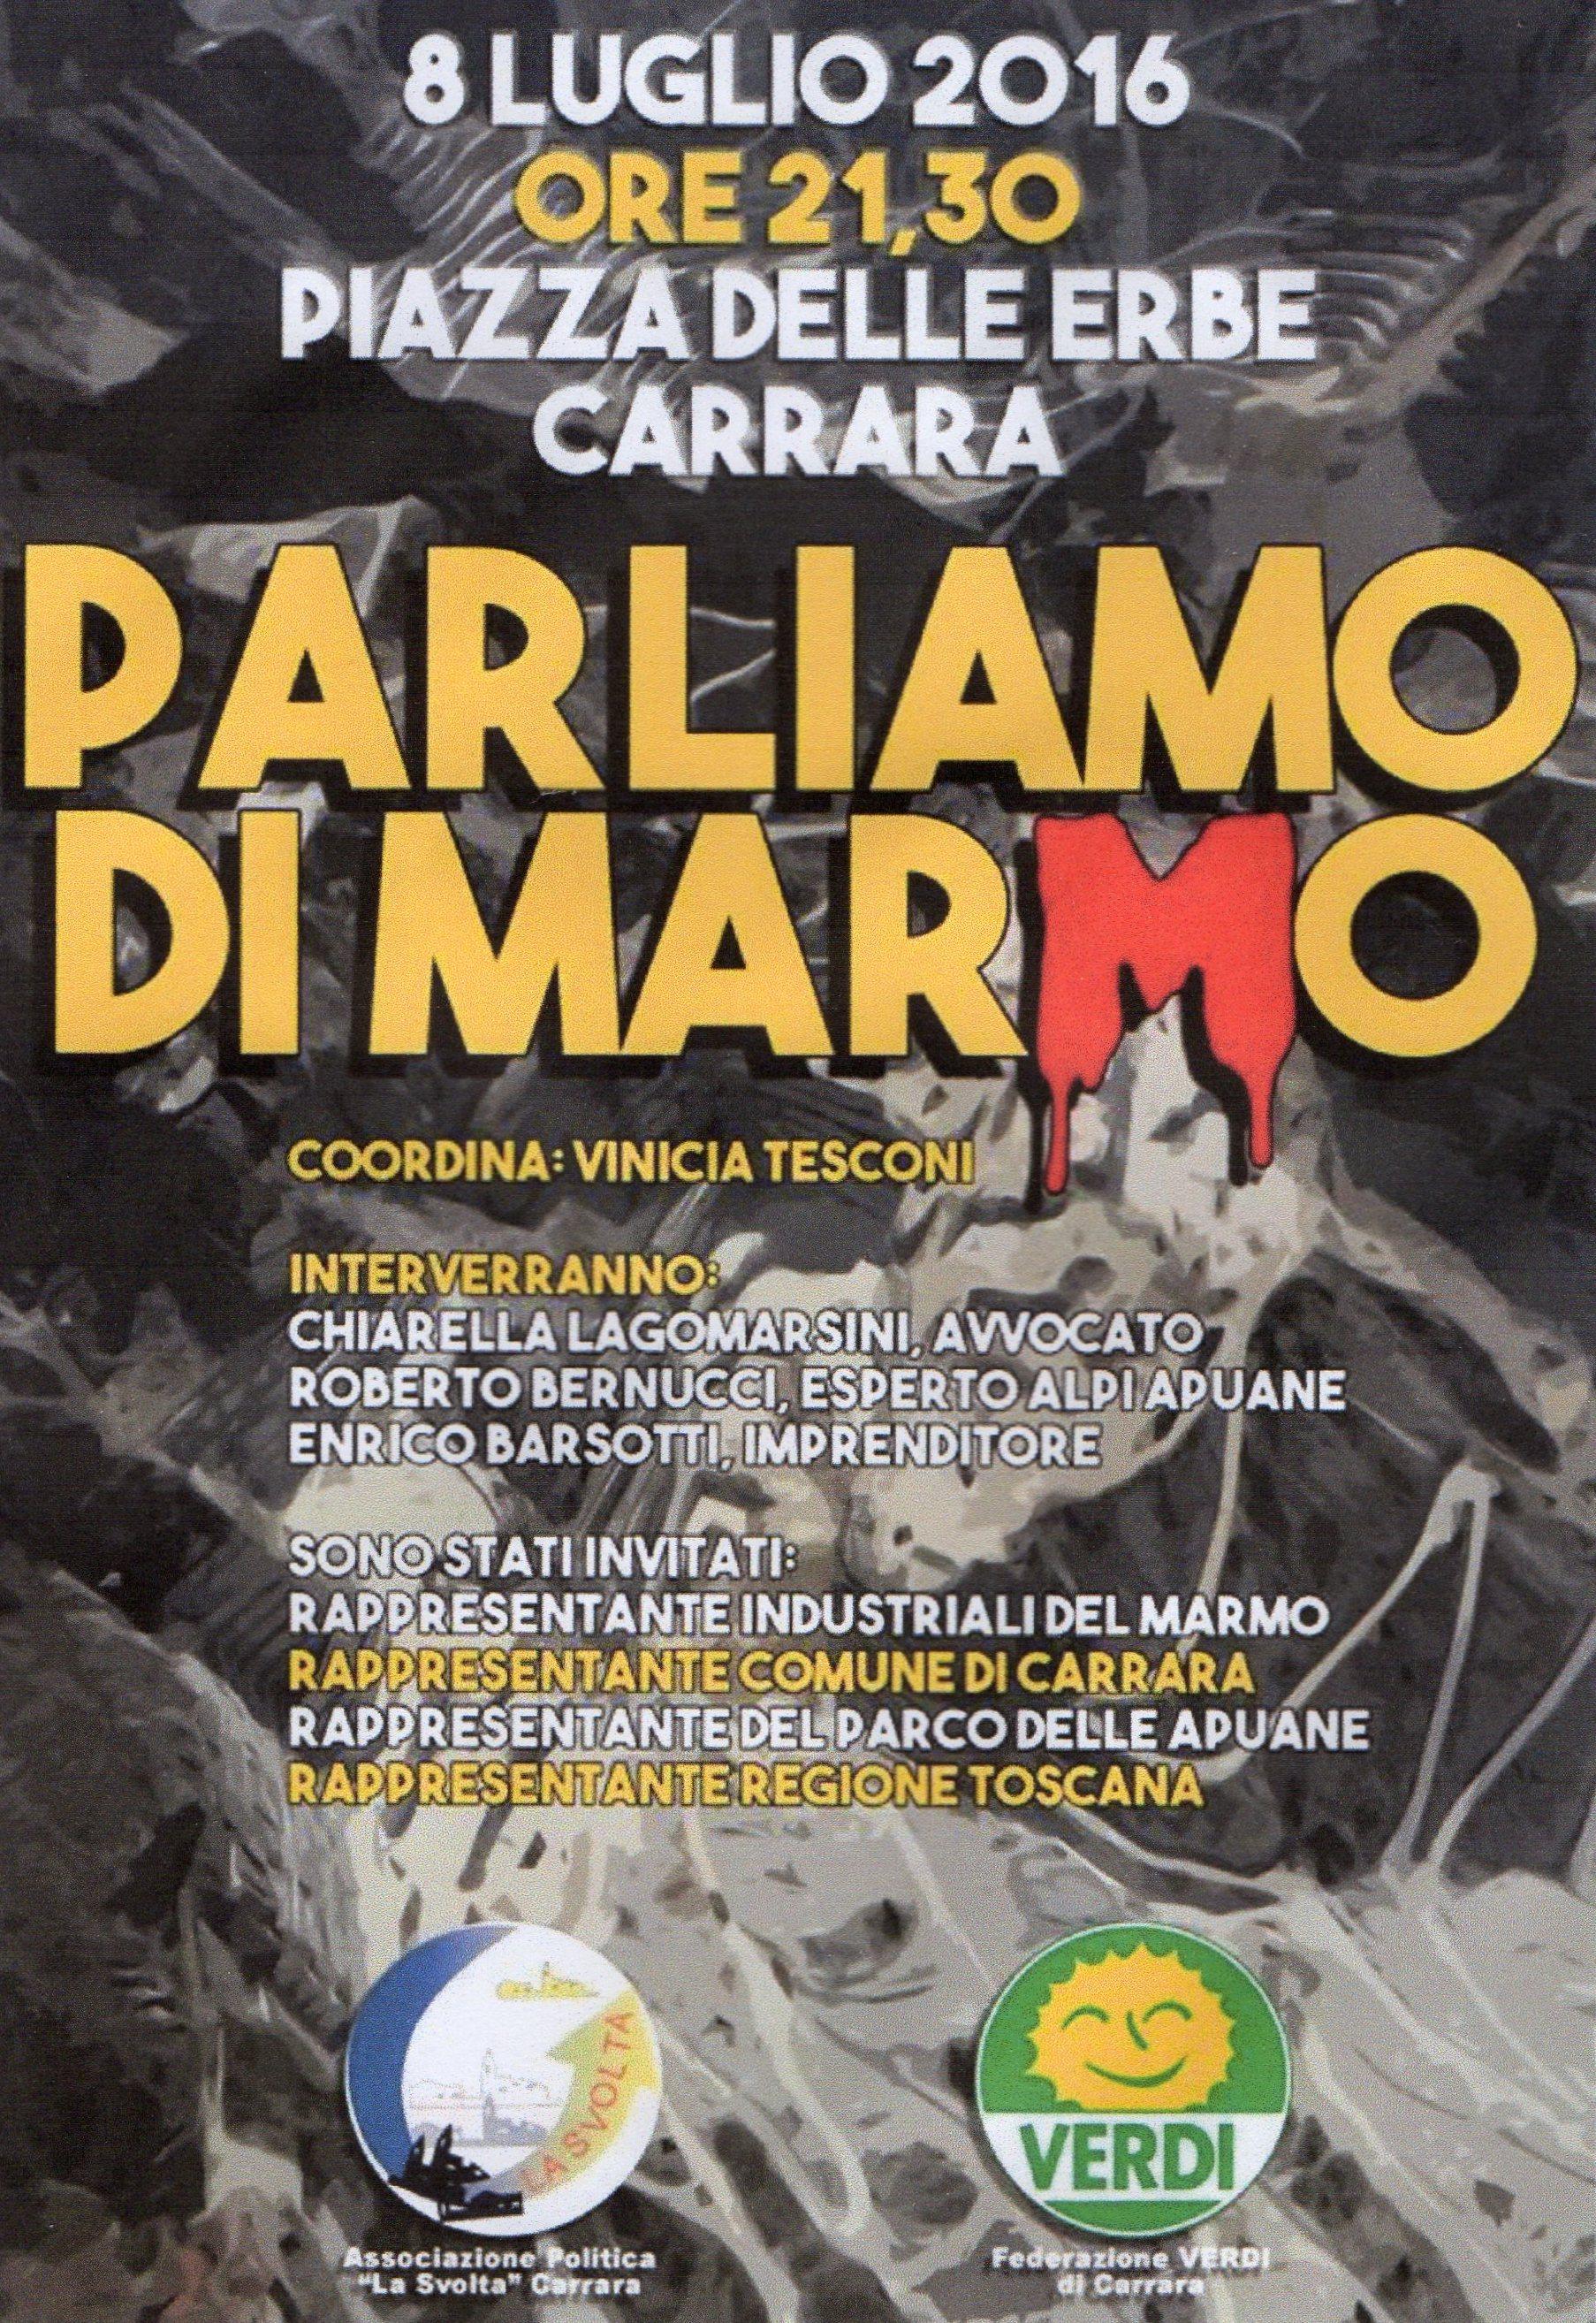 dibattito marmi 8 luglio 2016, Carrara